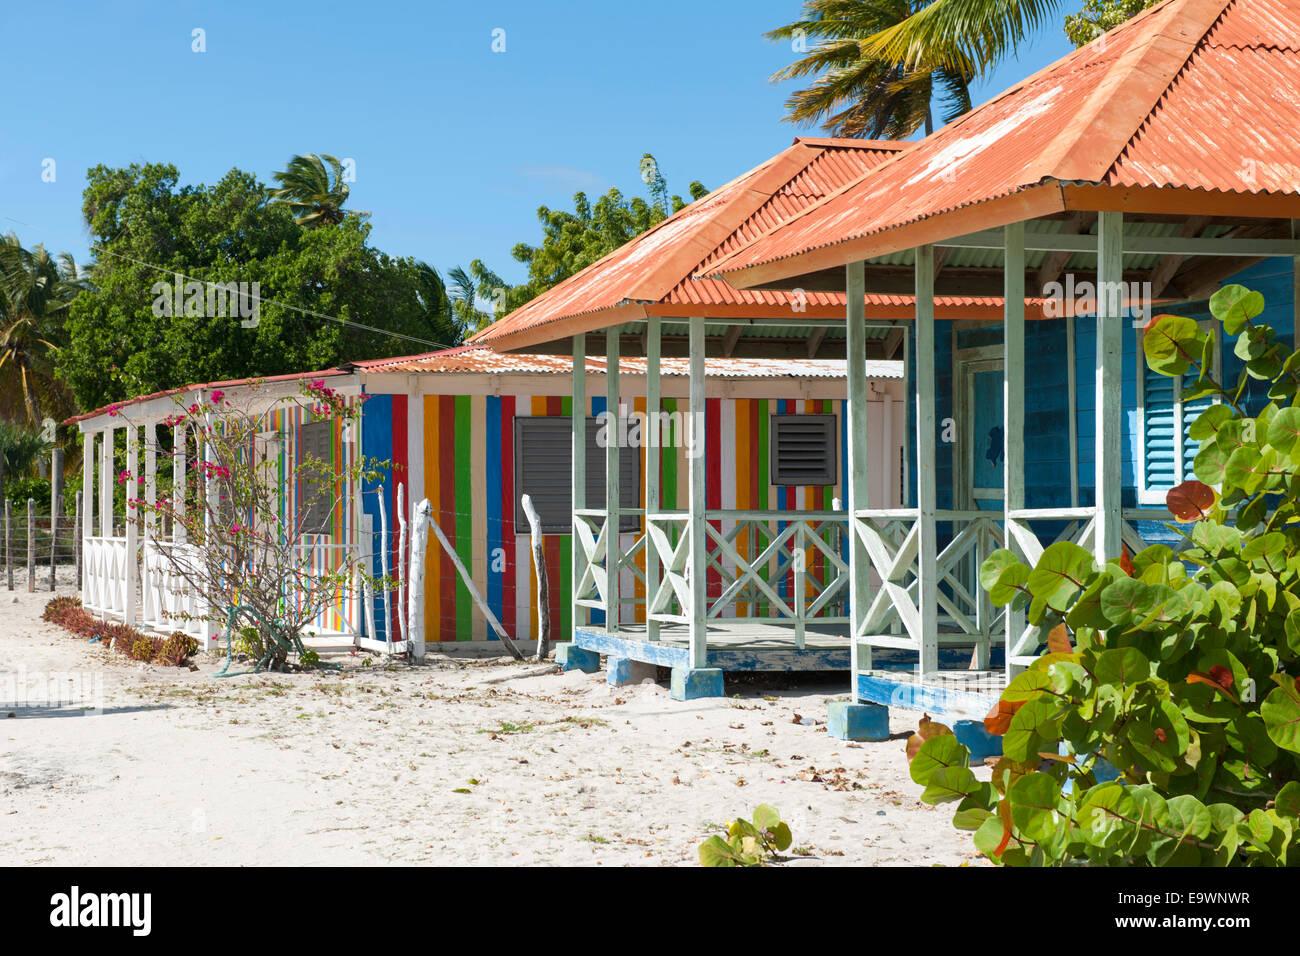 Dominikanische republik, osten, Bayahibe, Parque nacional del este, insel Saona, inseldorf mano juan Imagen De Stock